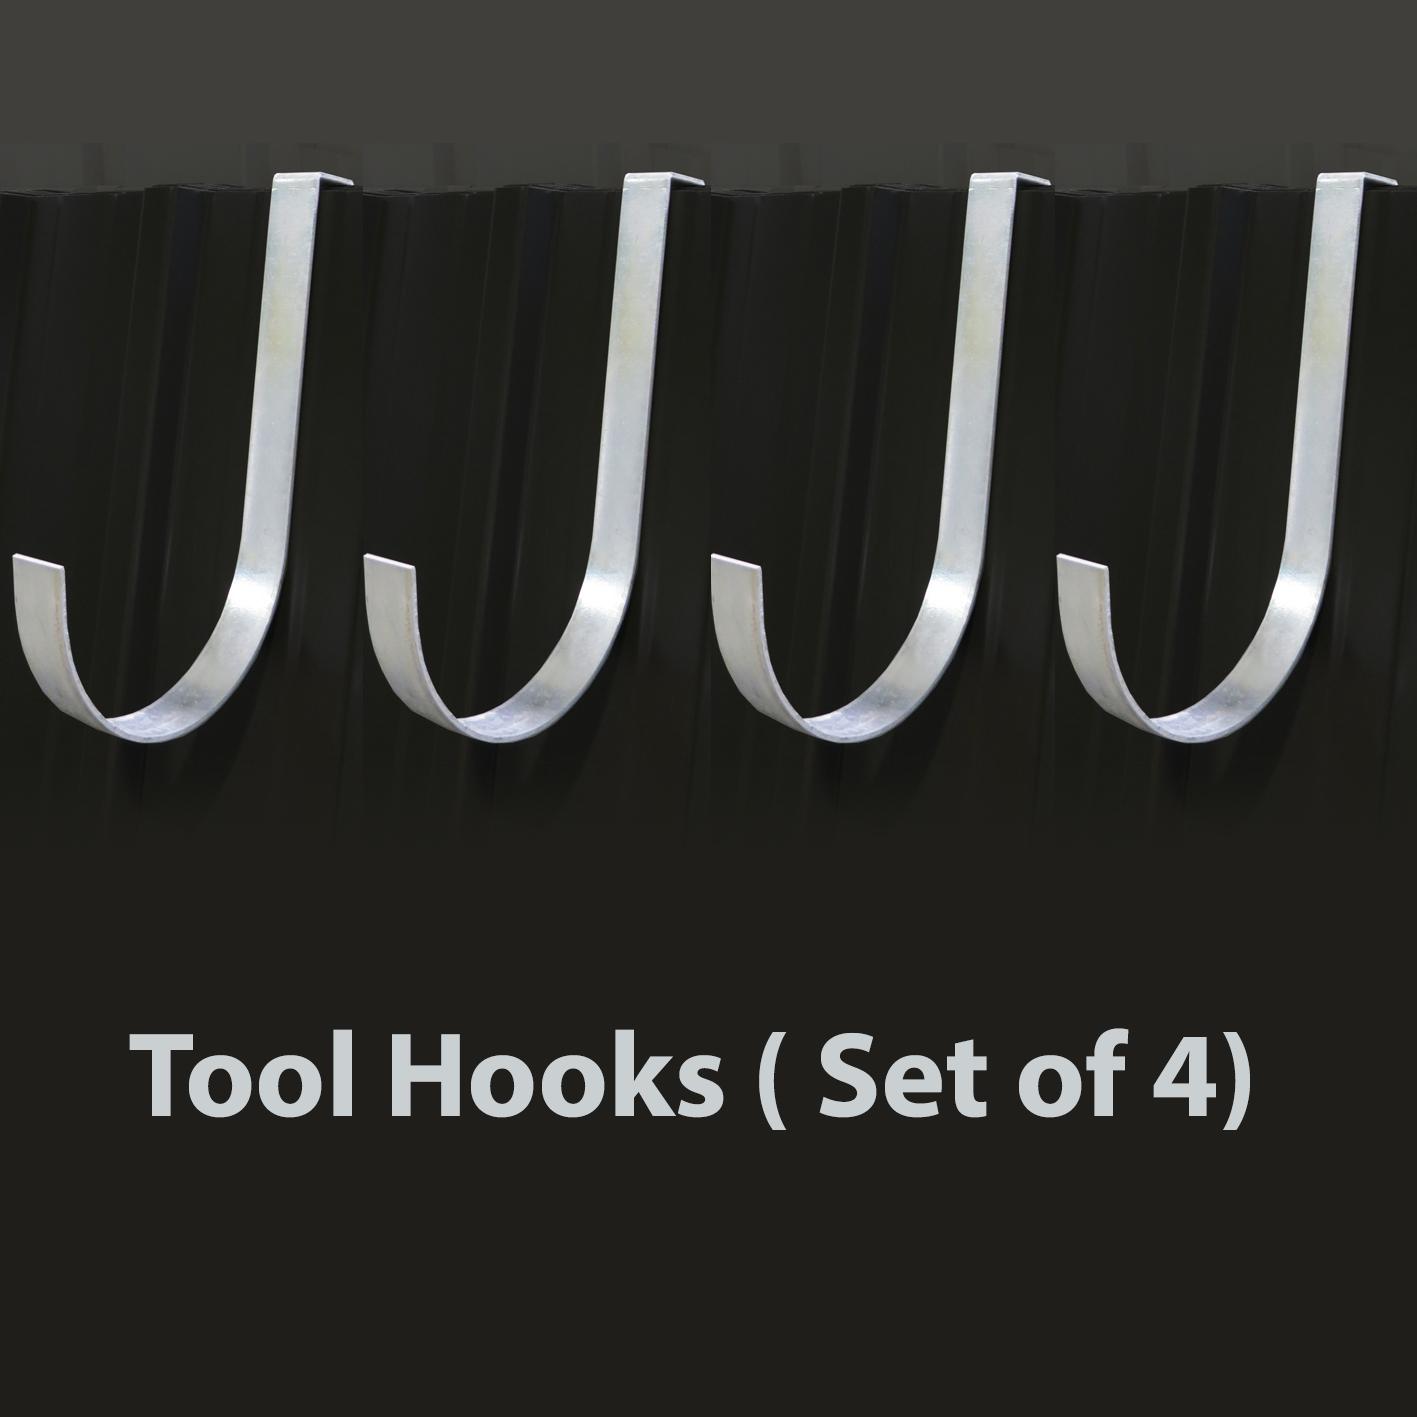 5 Tool Hooks ( Set of 4)